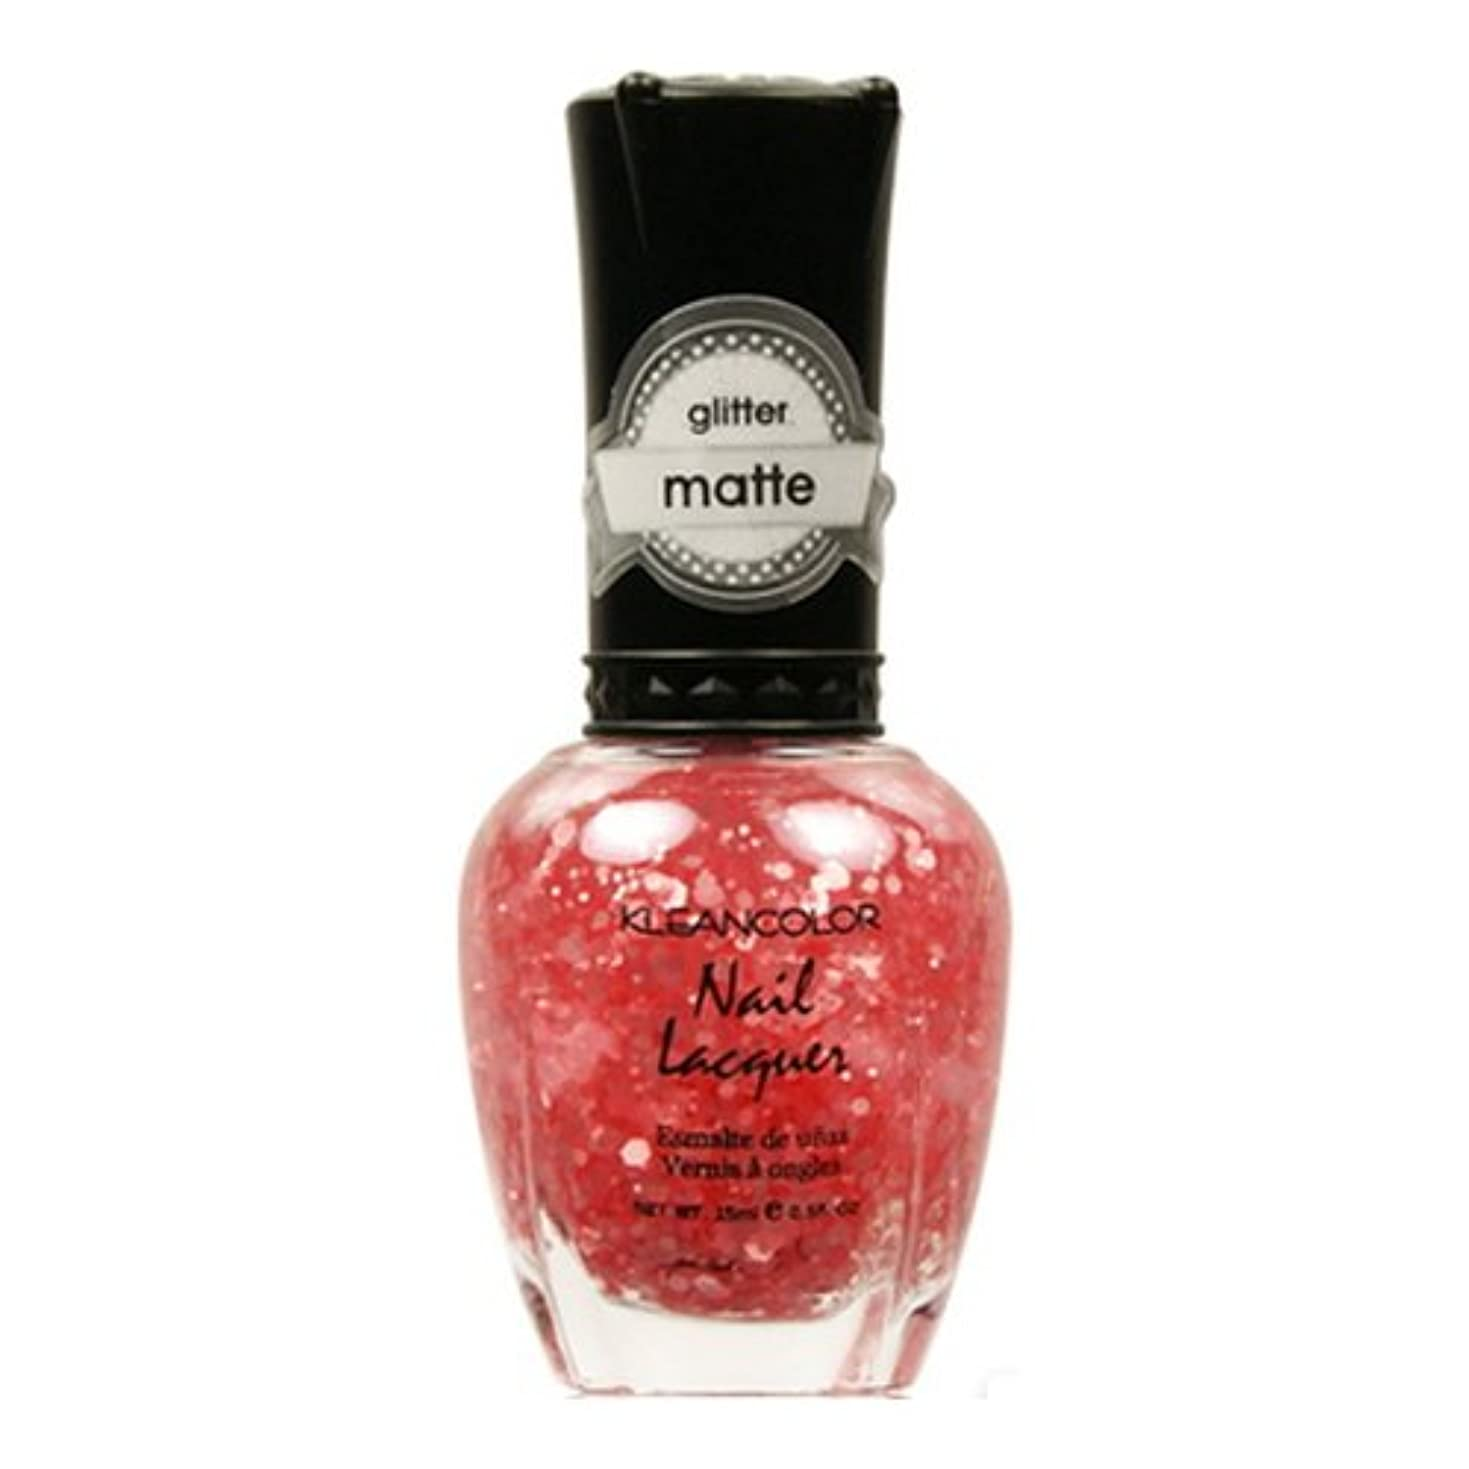 排除引き受けるお誕生日KLEANCOLOR Glitter Matte Nail Lacquer - Blush Pink (並行輸入品)